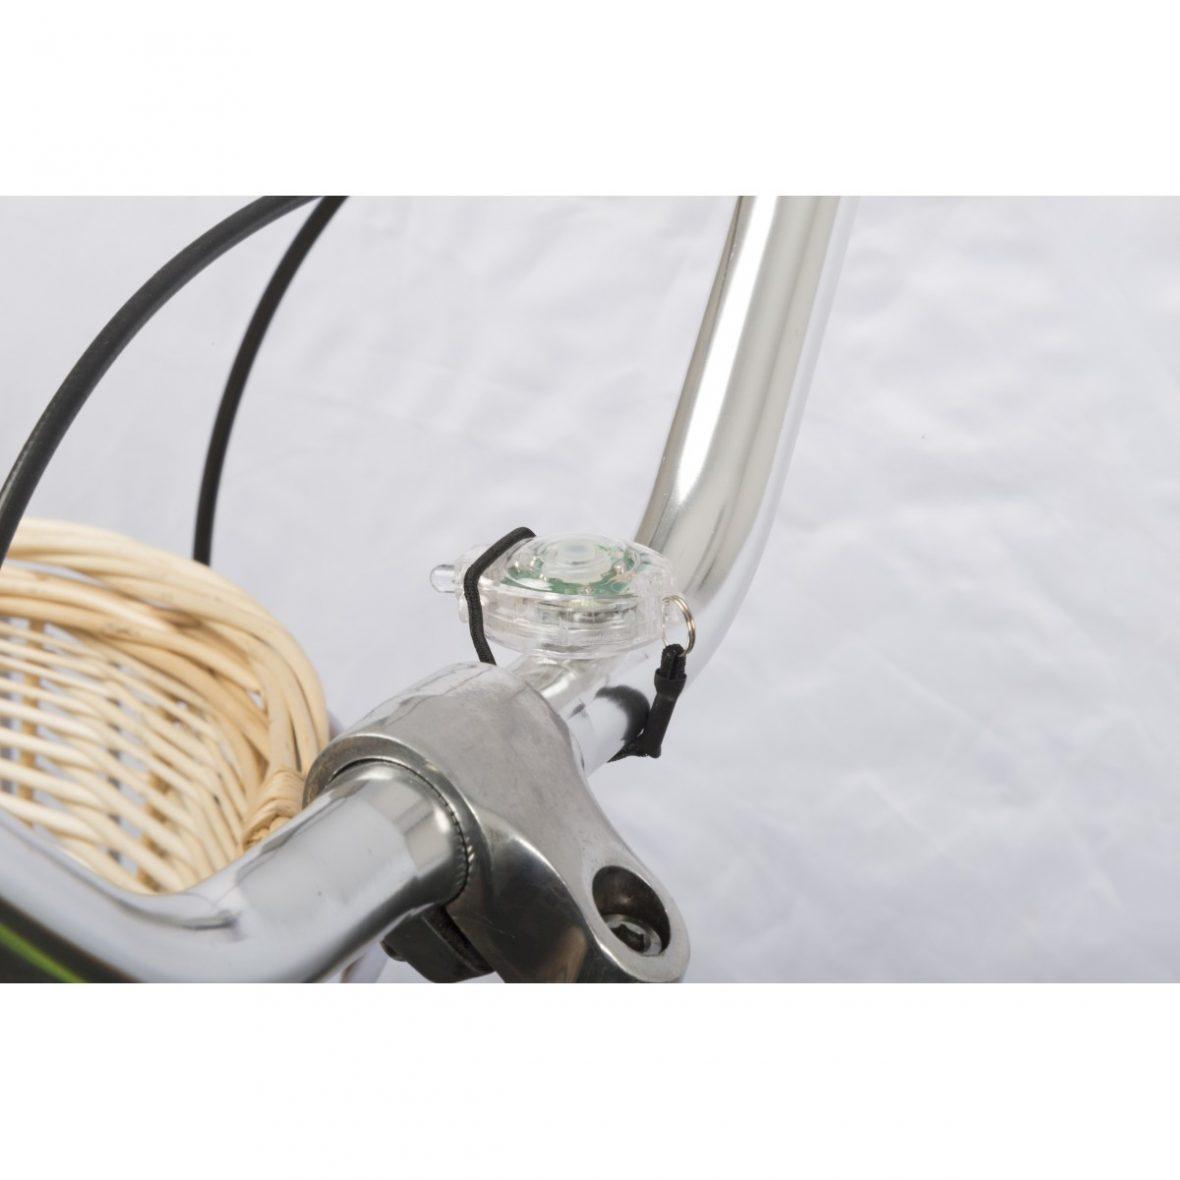 luč za kolo